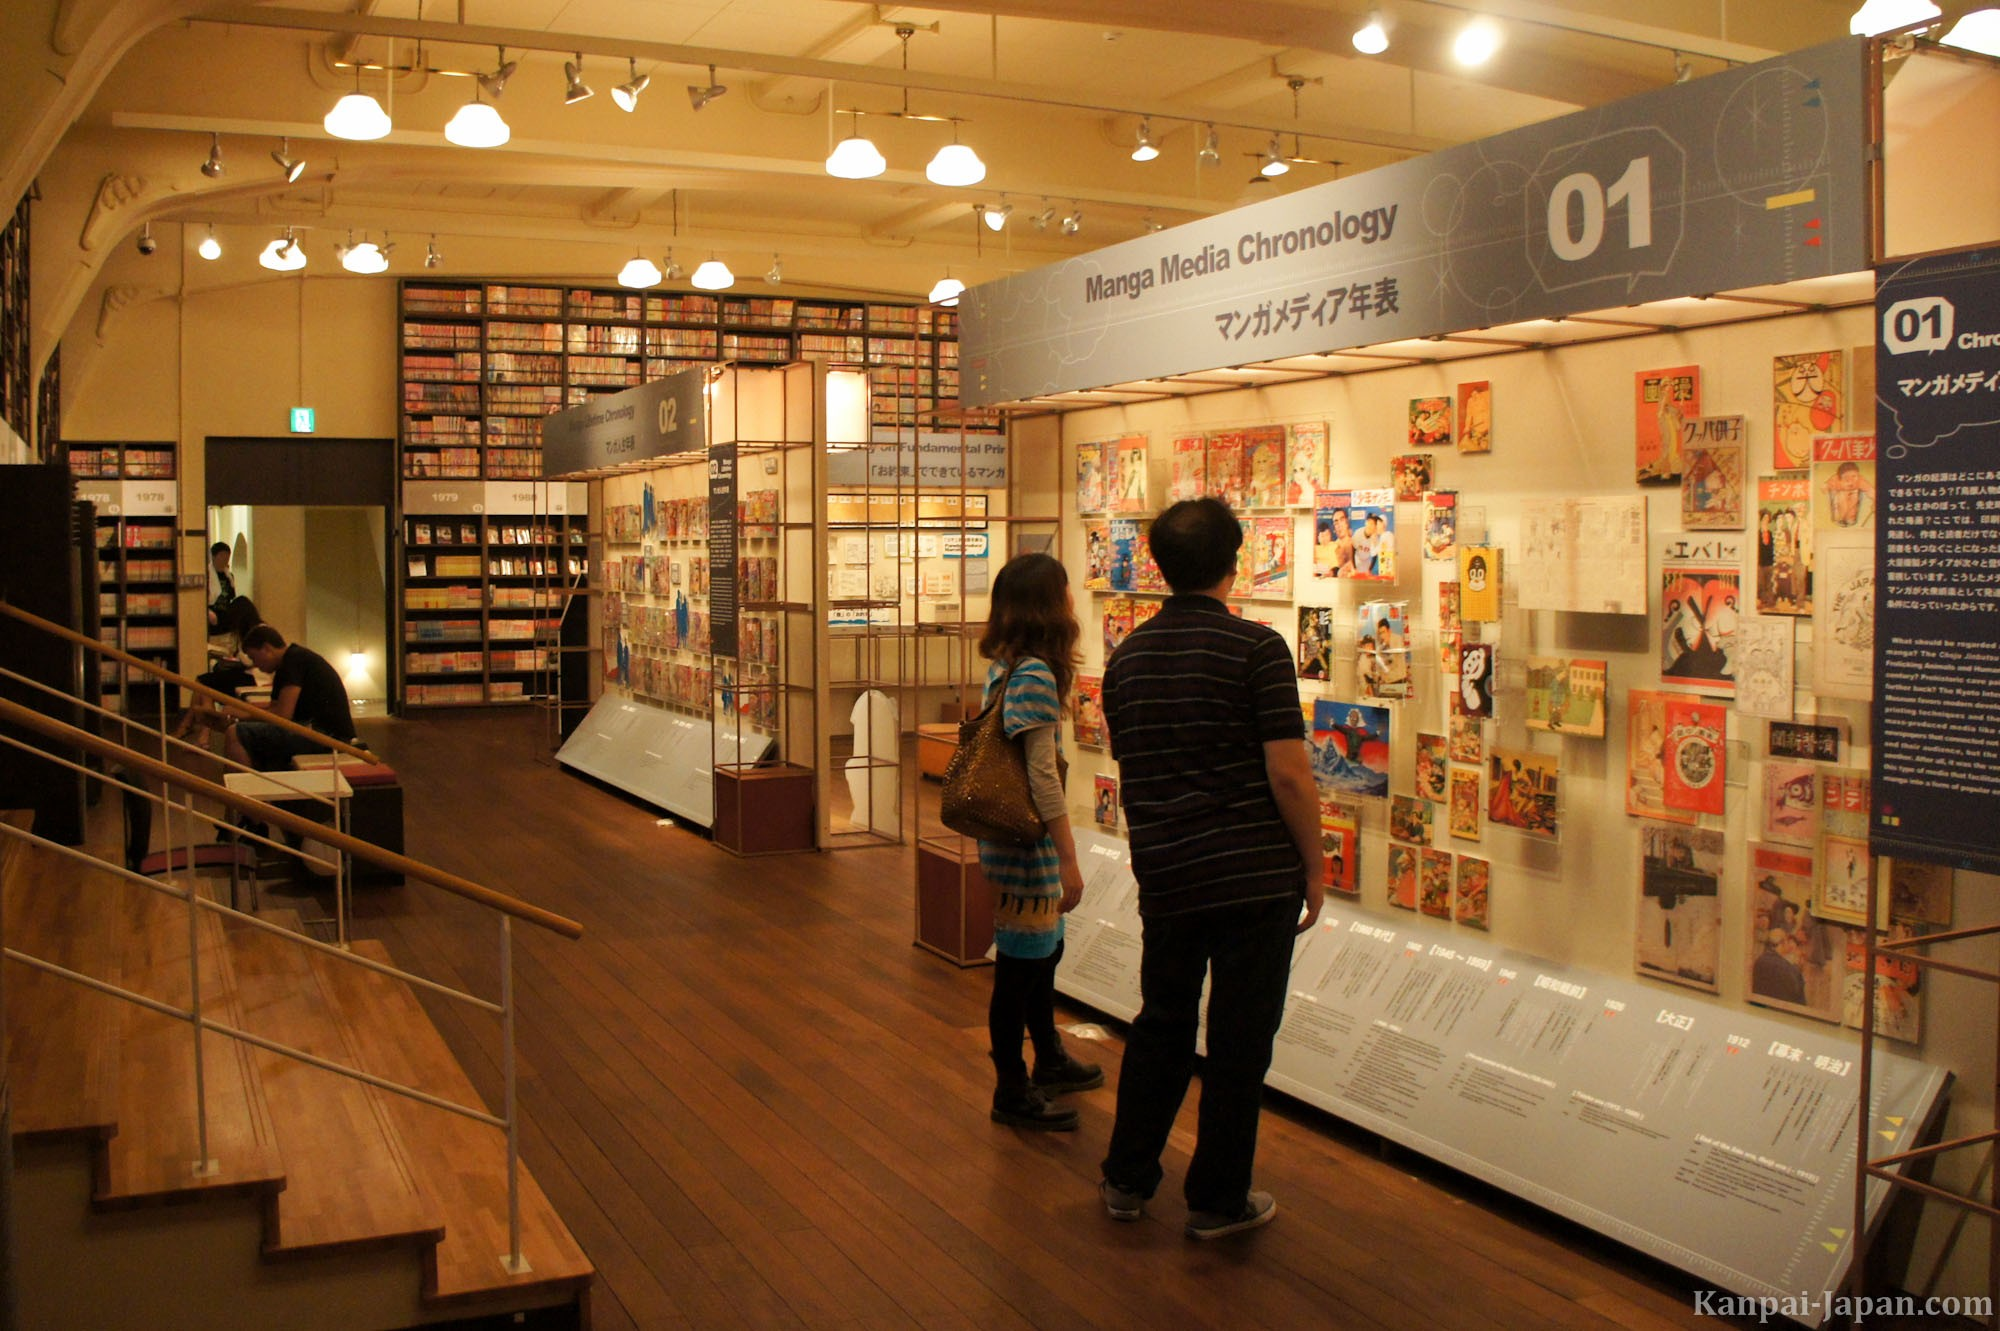 manga-museum-kyoto-8.jpg?itok=PQJkDV_f